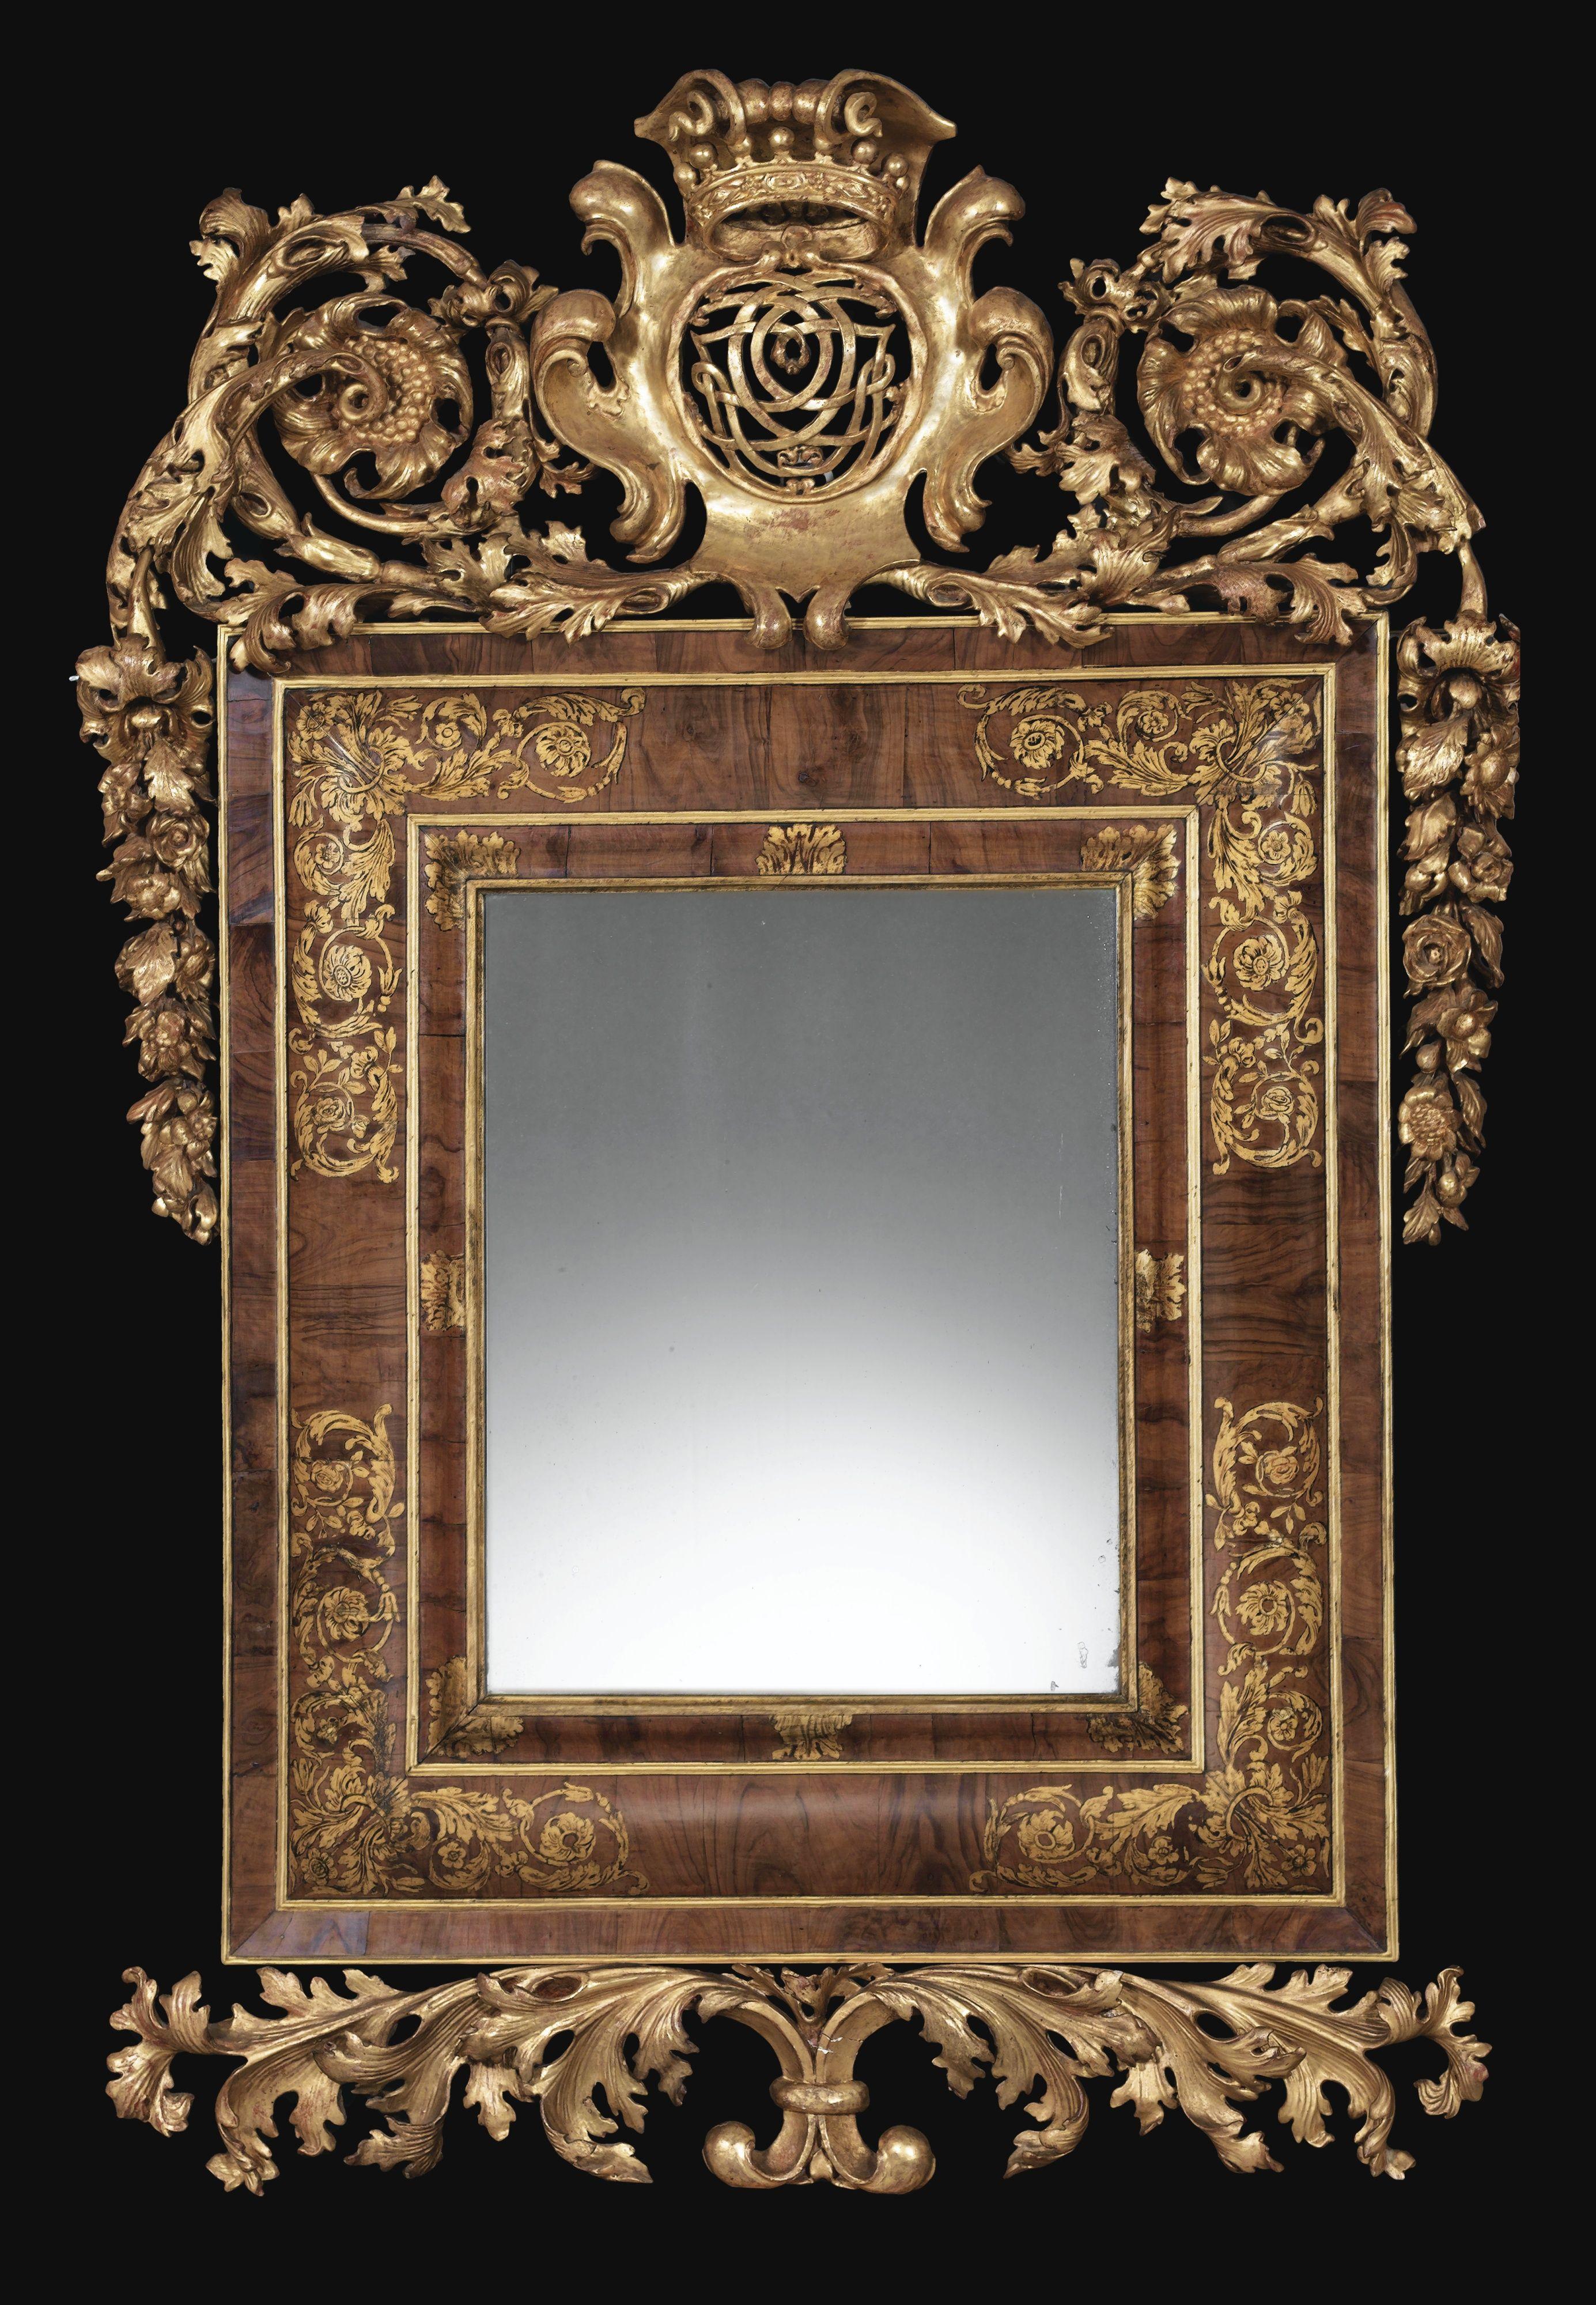 Cadre formant miroir en placage de noyer et bois sculpté et doré ...